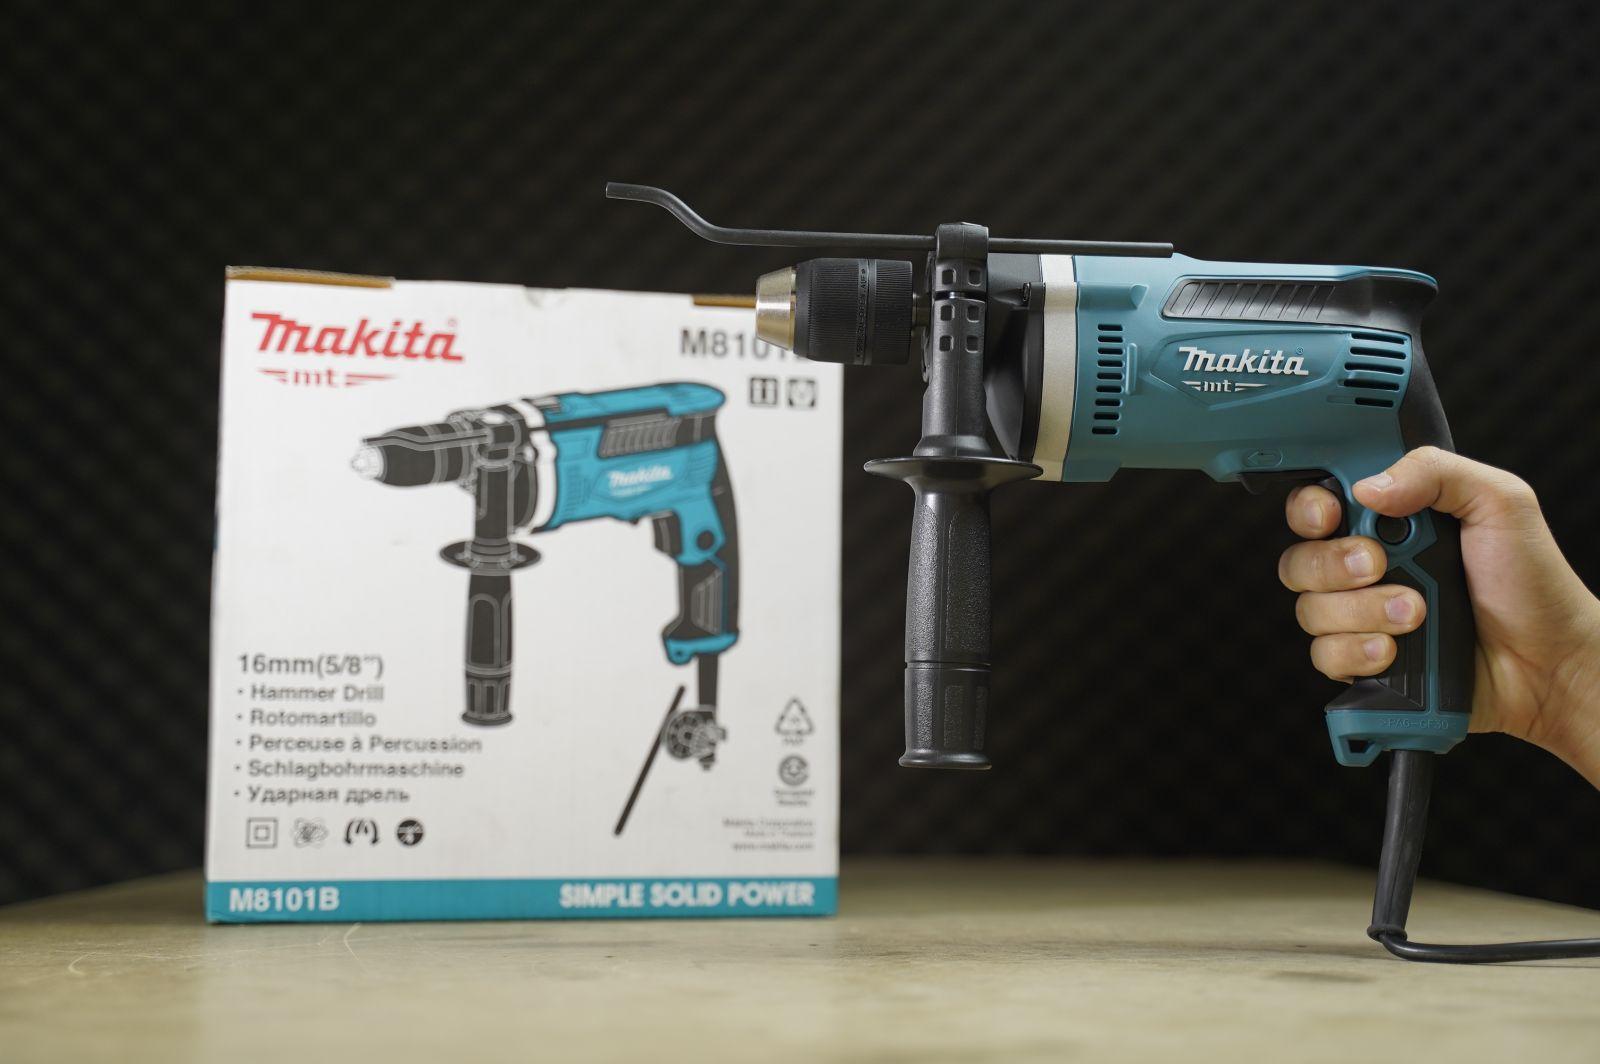 Máy khoan động lực Makita M8101B Chính hãng - Giá tốt khi gọi | Máy Khoan  Động Lực | ketnoitieudung.vn